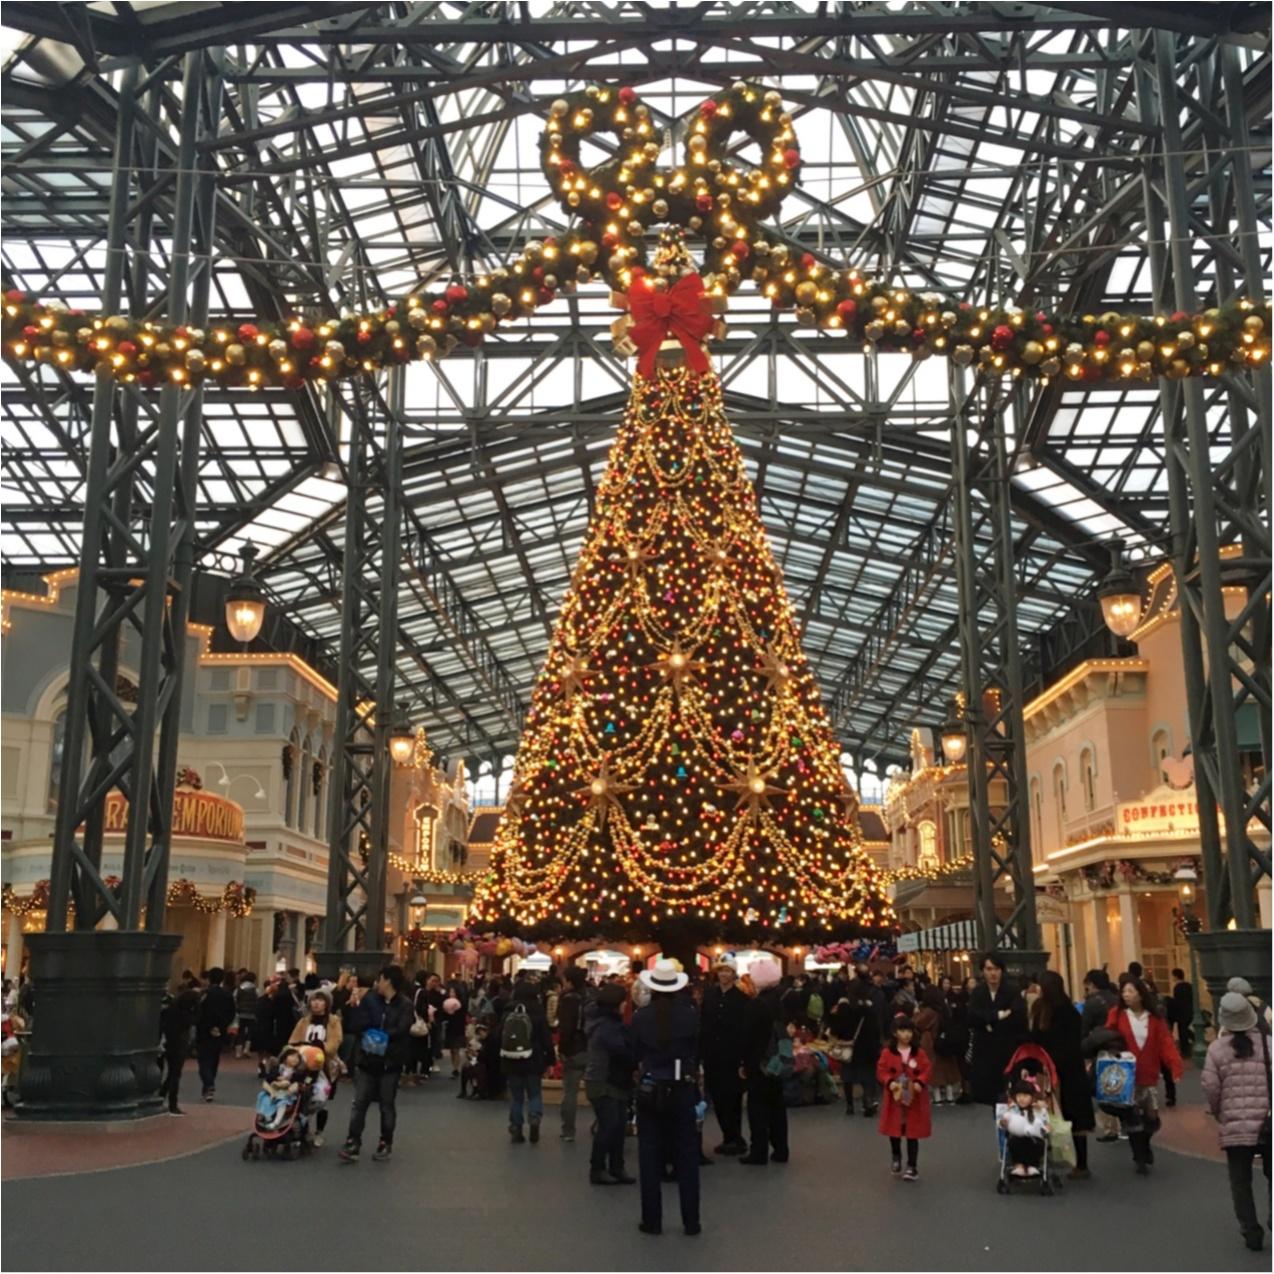 Xmasディズニー♡ 撮りたくなる!私のおすすめクリスマススポットをまとめ♪_2